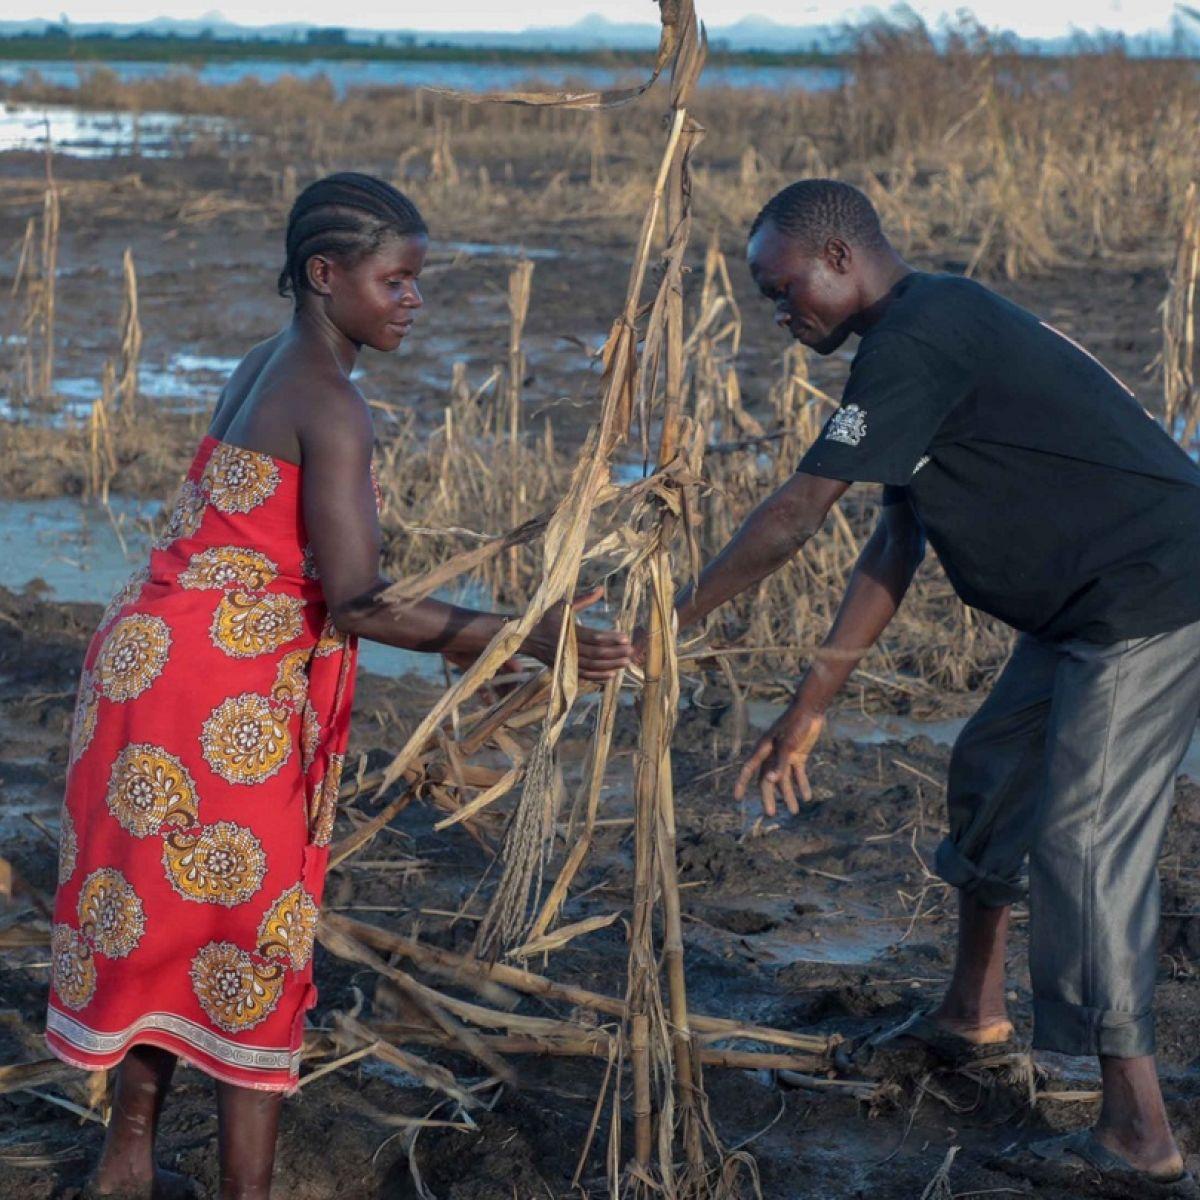 irishtimes.com - Kevin O'Sullivan - Concern and Accenture combine in Zambia and Malawi